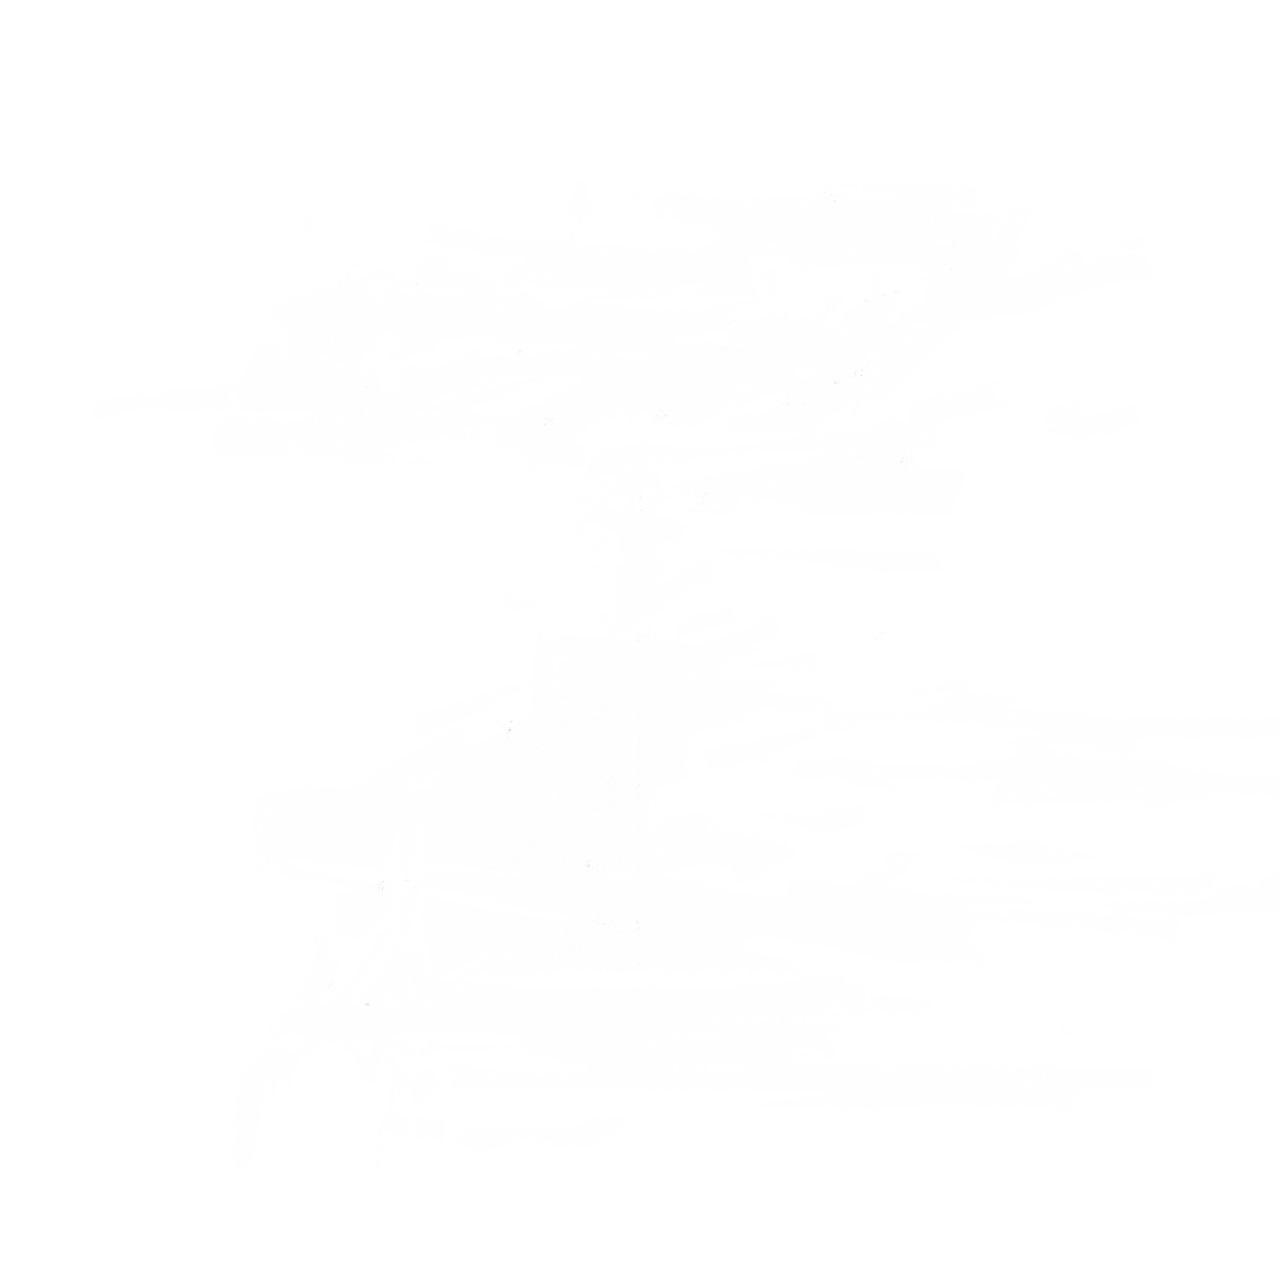 272984 مدیریت سایت